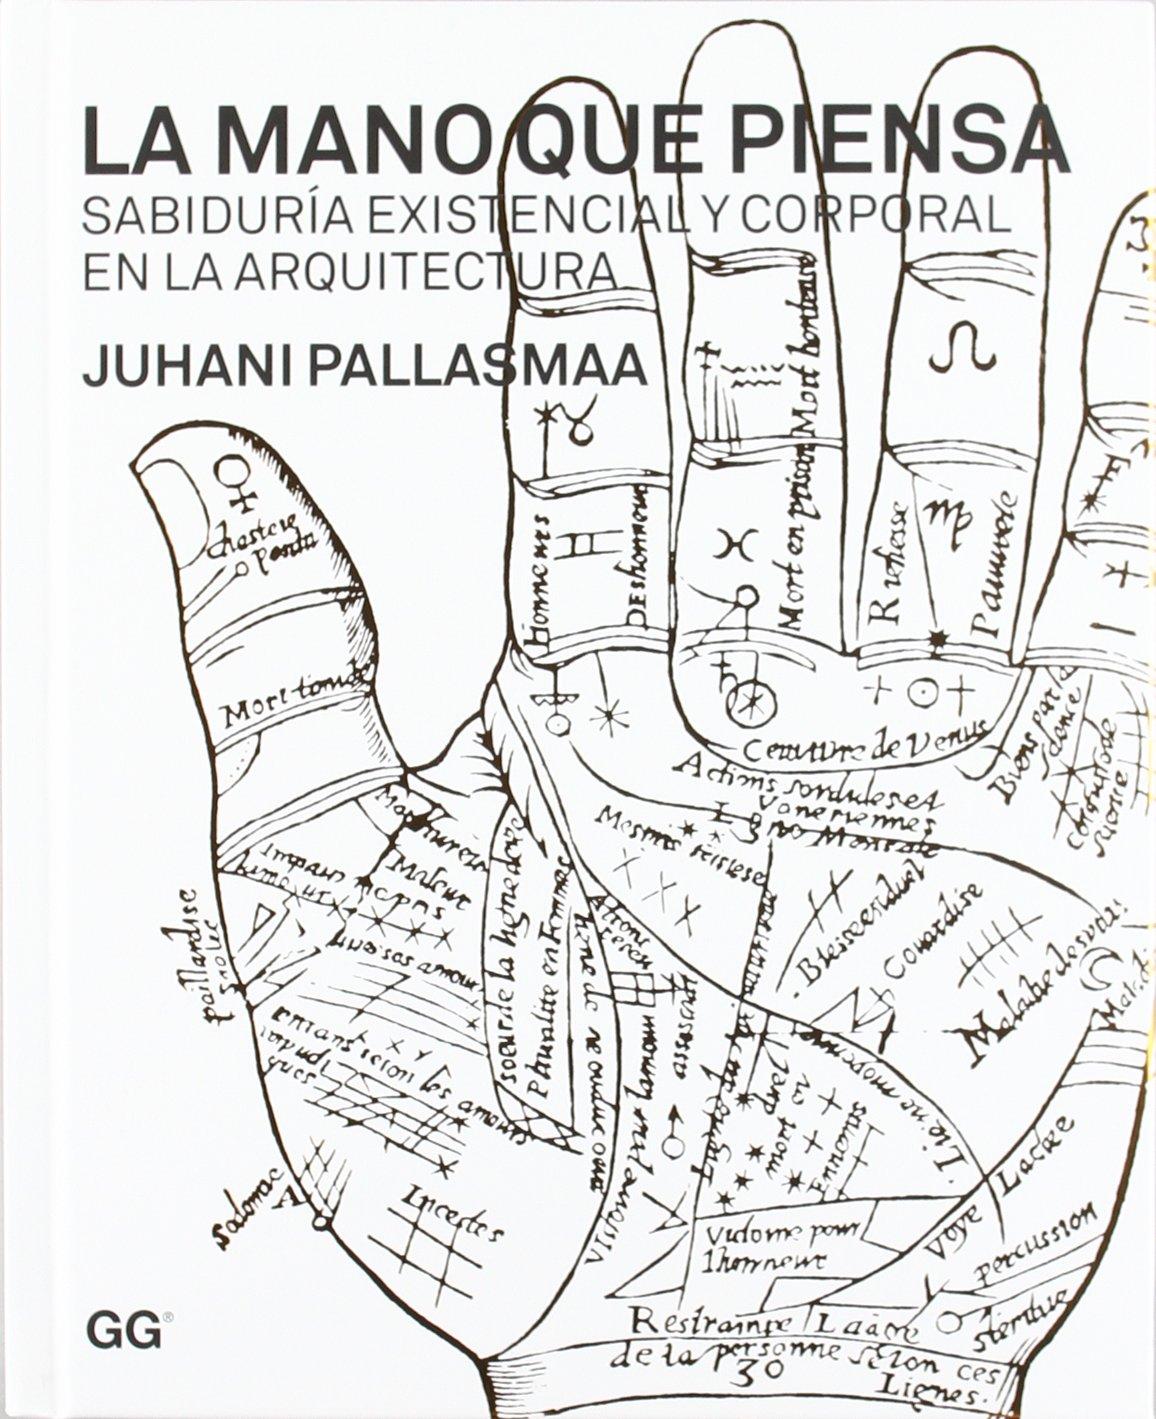 La mano que piensa: Sabiduría existencial y corporal en la arquitectura Tapa dura – 24 nov 2011 Juhani Pallasmaa Moisés Puente Rodríguez Editorial Gustavo Gili S.L.